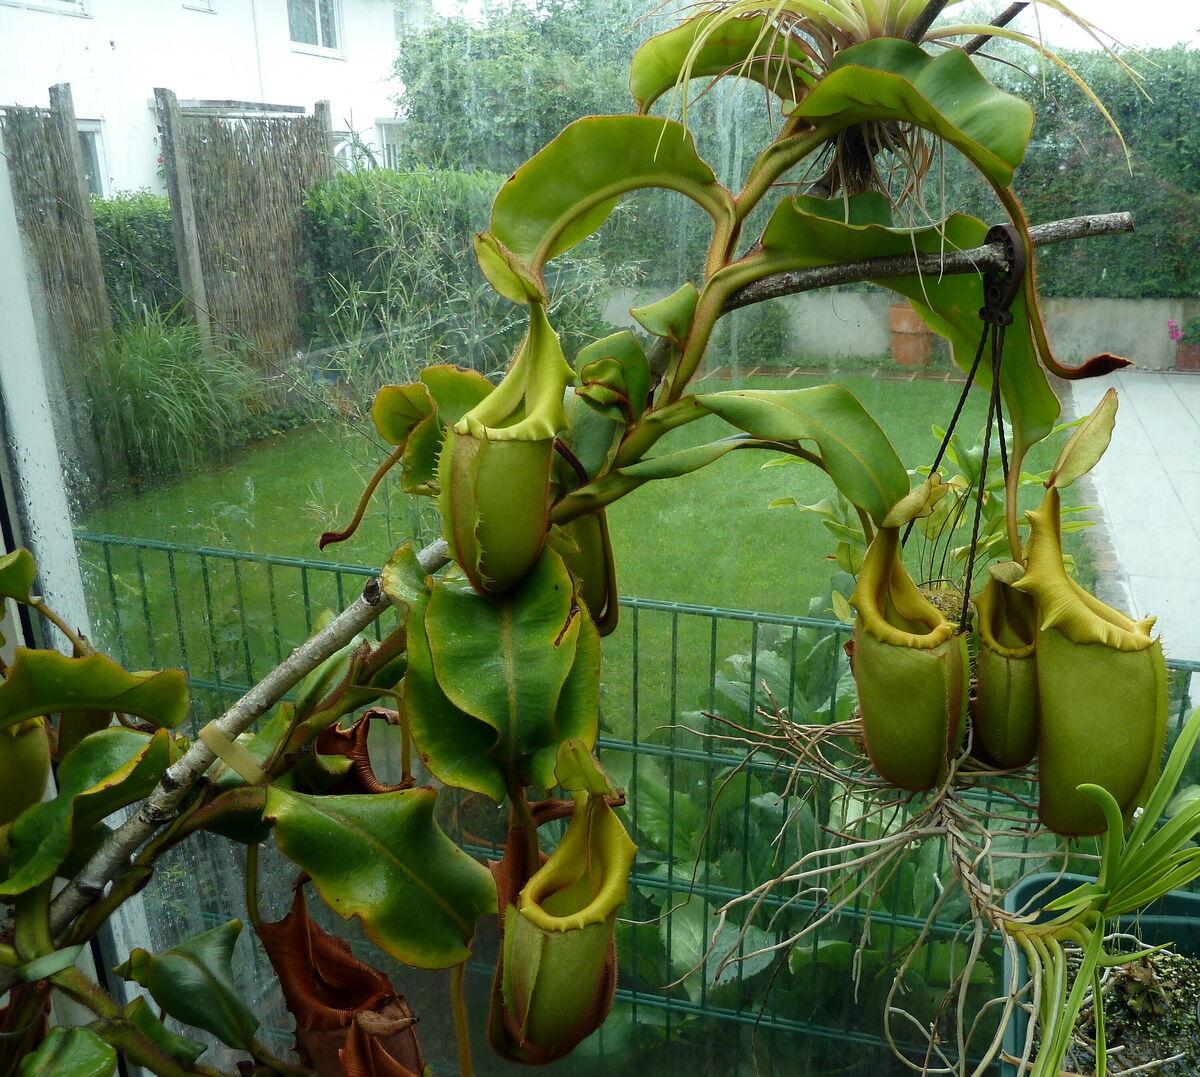 Nepenthes_veitchii_100714_1.thumb.jpg.45b5e6a591436e9030de98a112afdadc.jpg